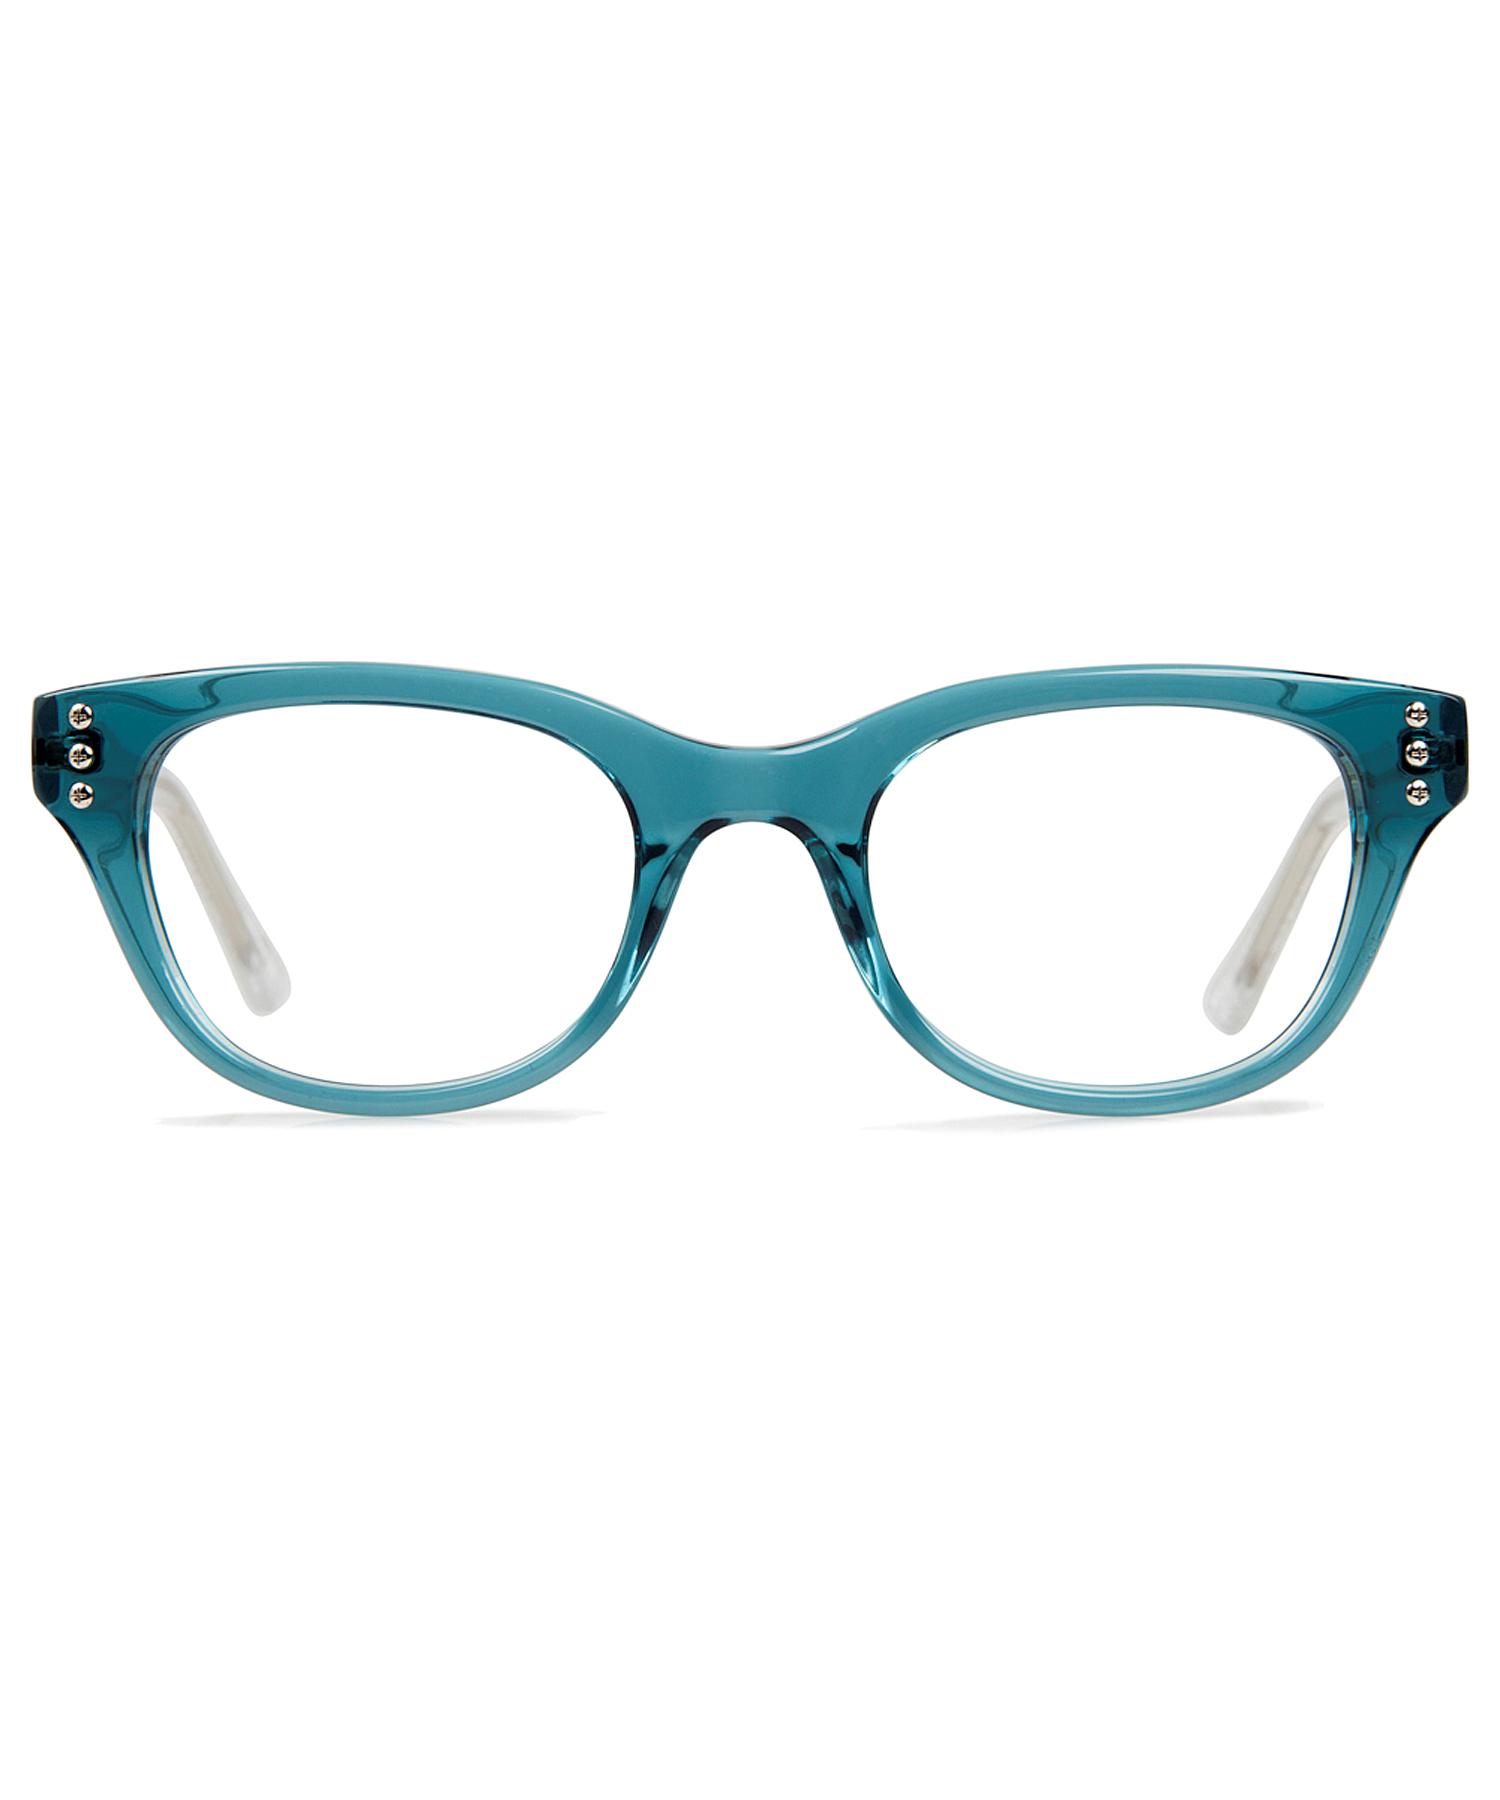 9f01ee4a0f751 Lyst - Cynthia Rowley Teal Fade Round Plastic Eyeglasses in Blue